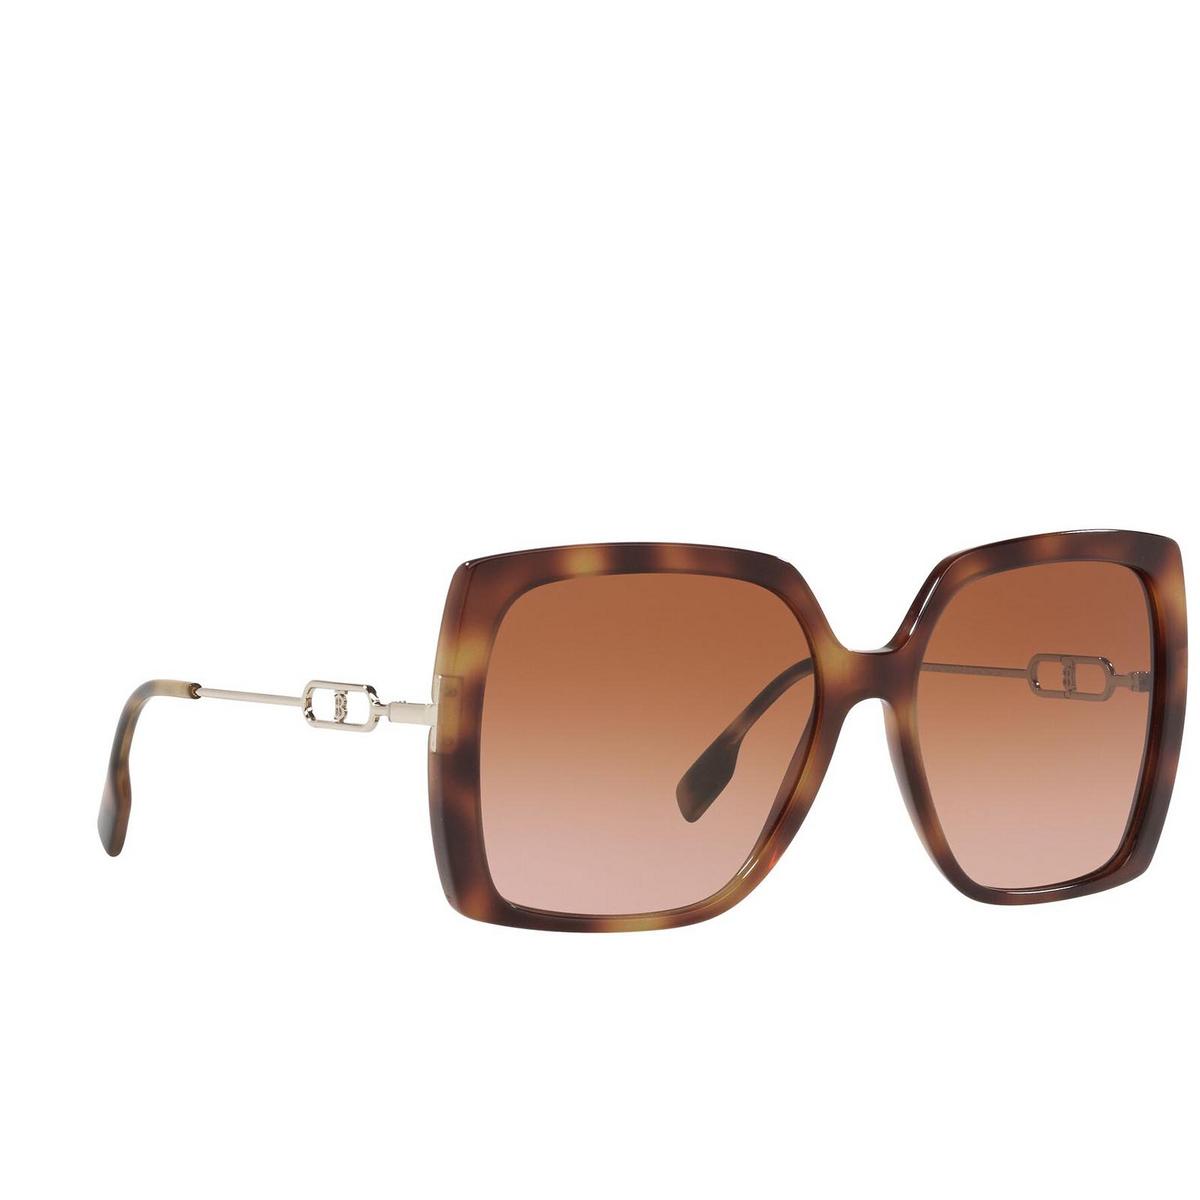 Burberry® Square Sunglasses: Luna BE4332 color Light Havana 331613 - three-quarters view.